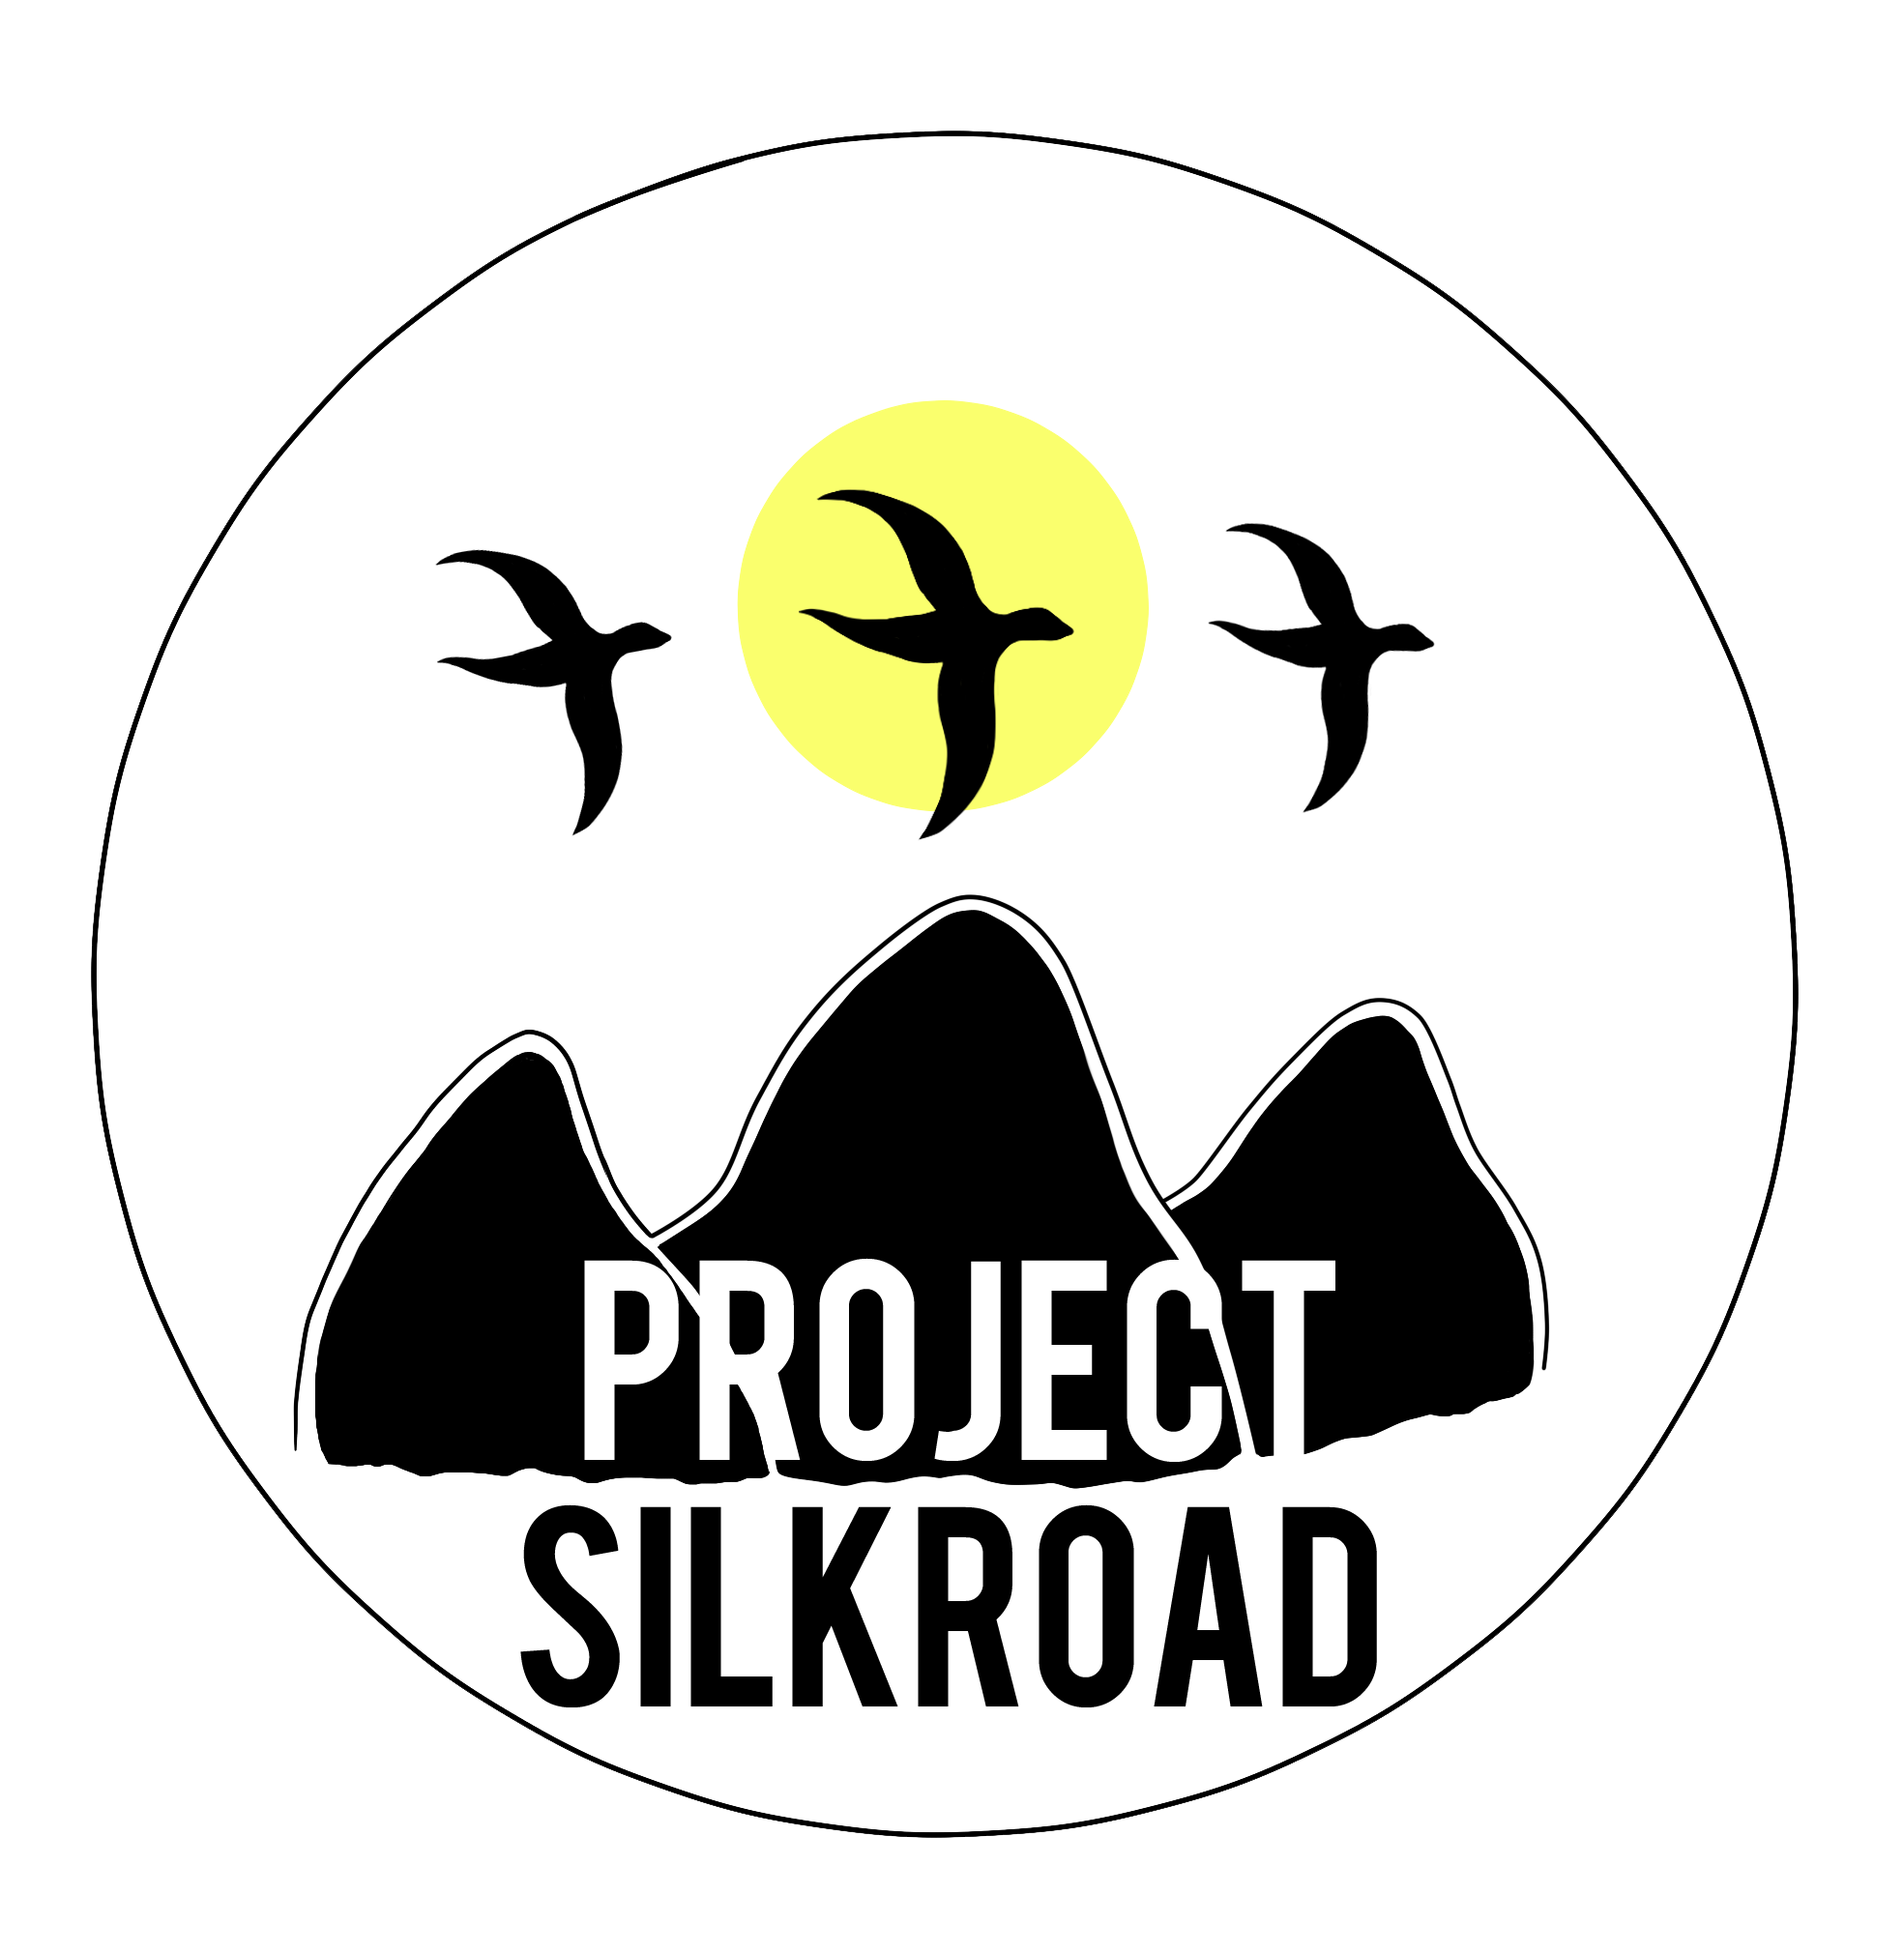 Project Silkroad